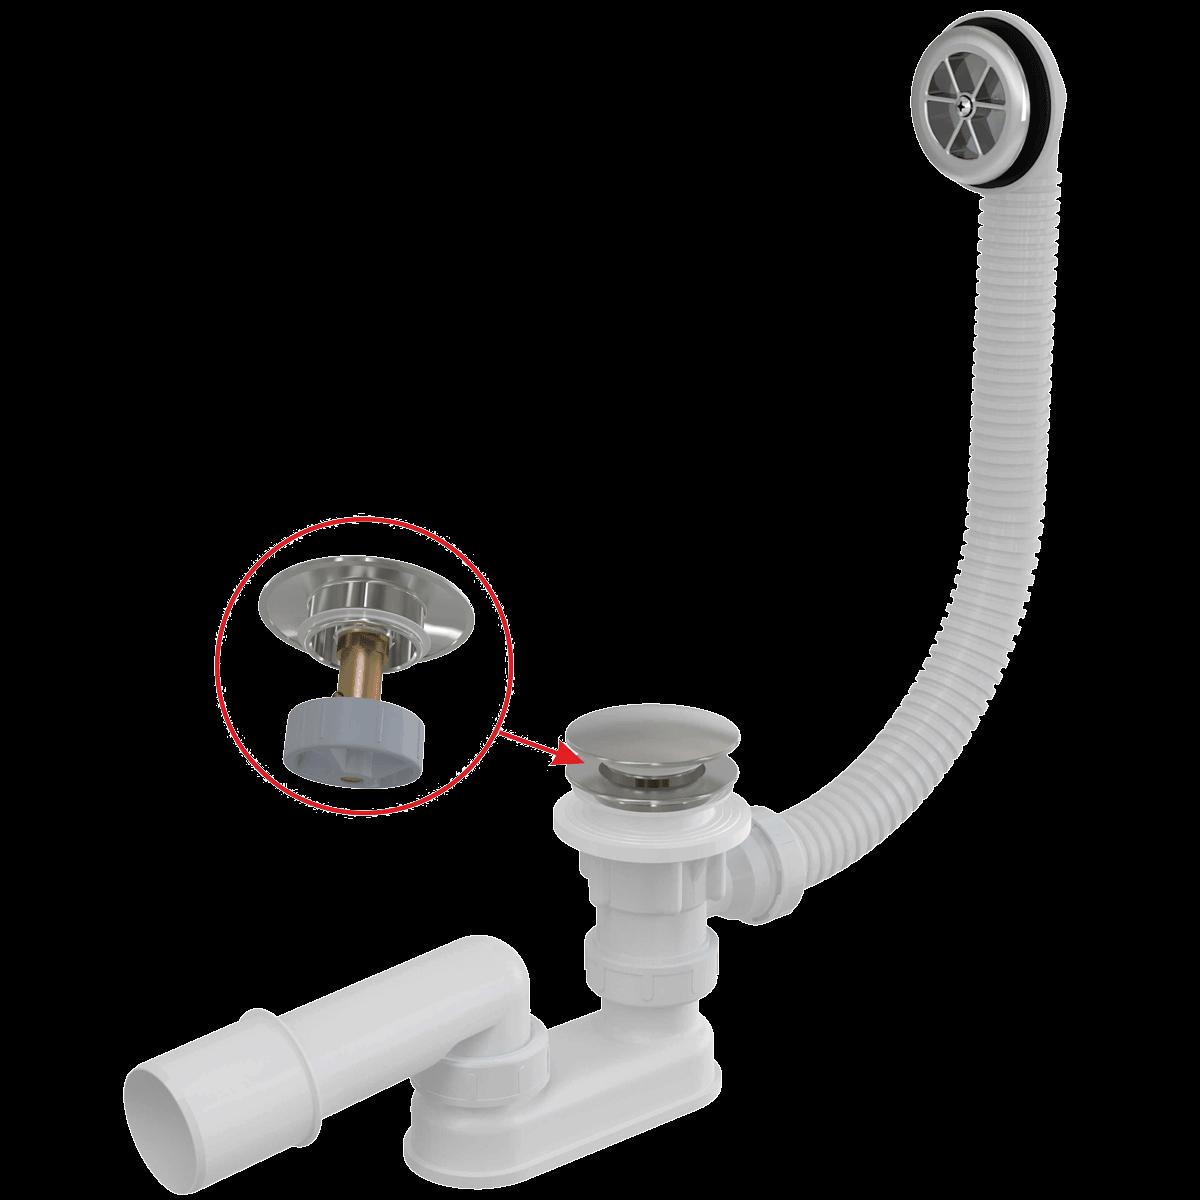 Vanový sifon Alcaplast click/clack, 80 cm, kov A505CKM80